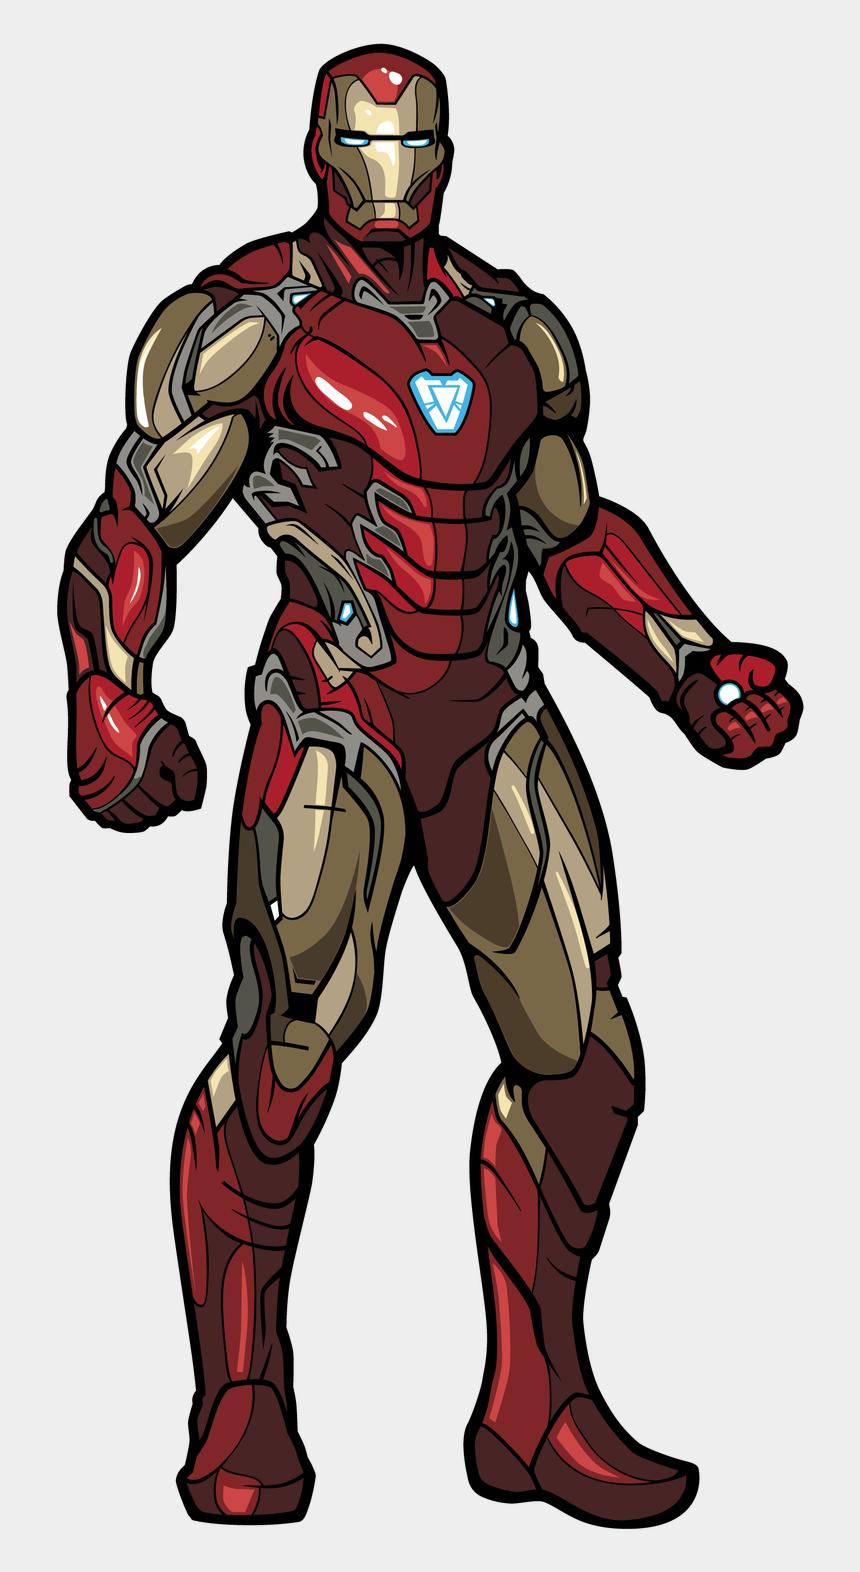 iron man clipart black and white, Cartoons - Iron Man - Iron Man Mark Lxxxv